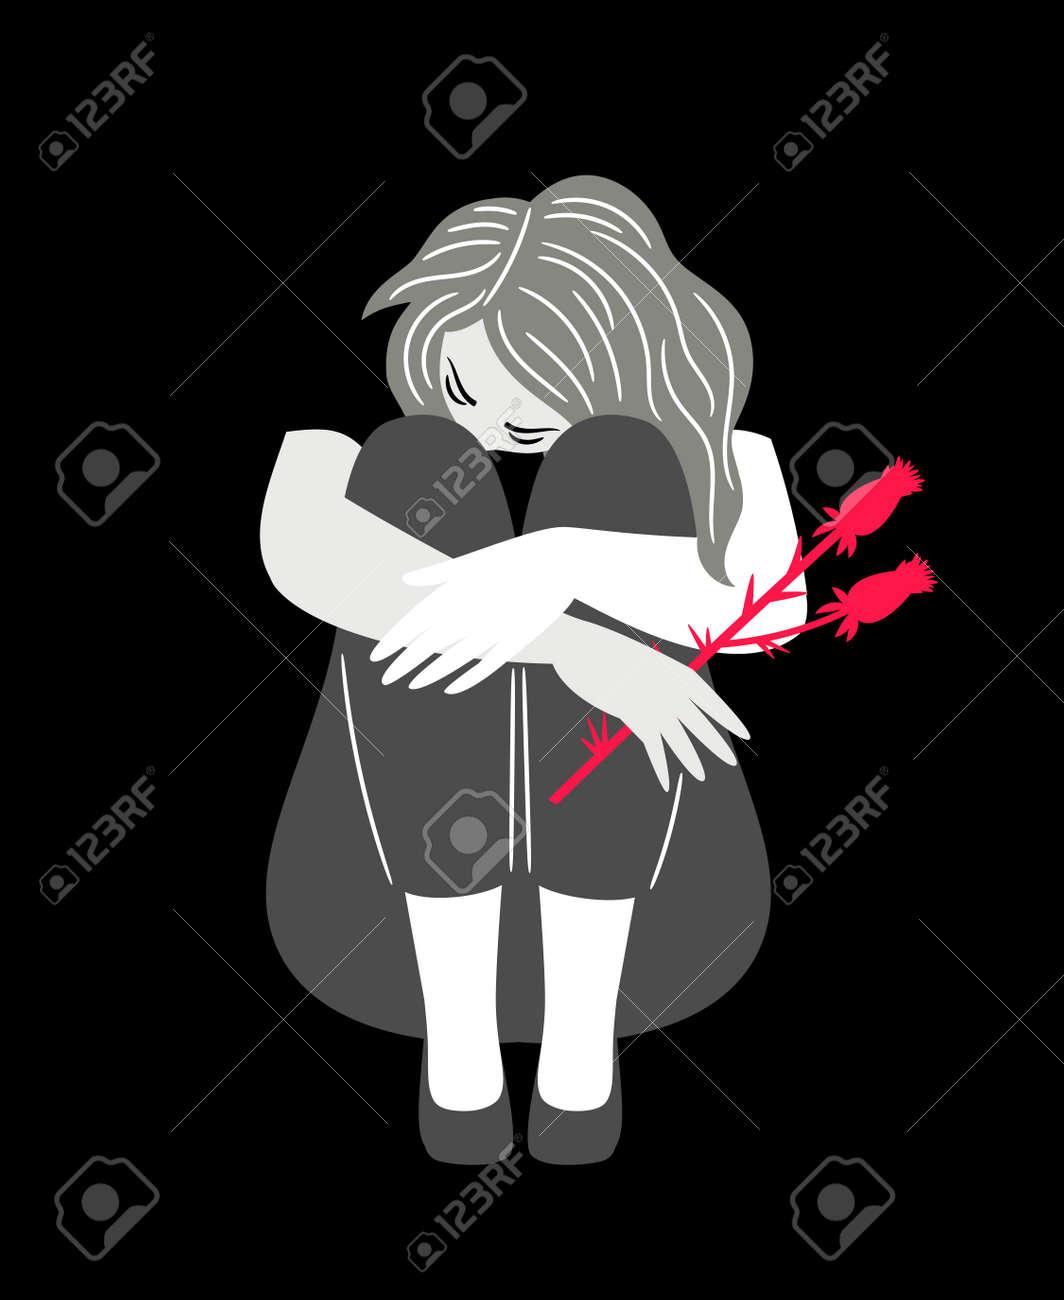 Girl with sad mood - 170222356